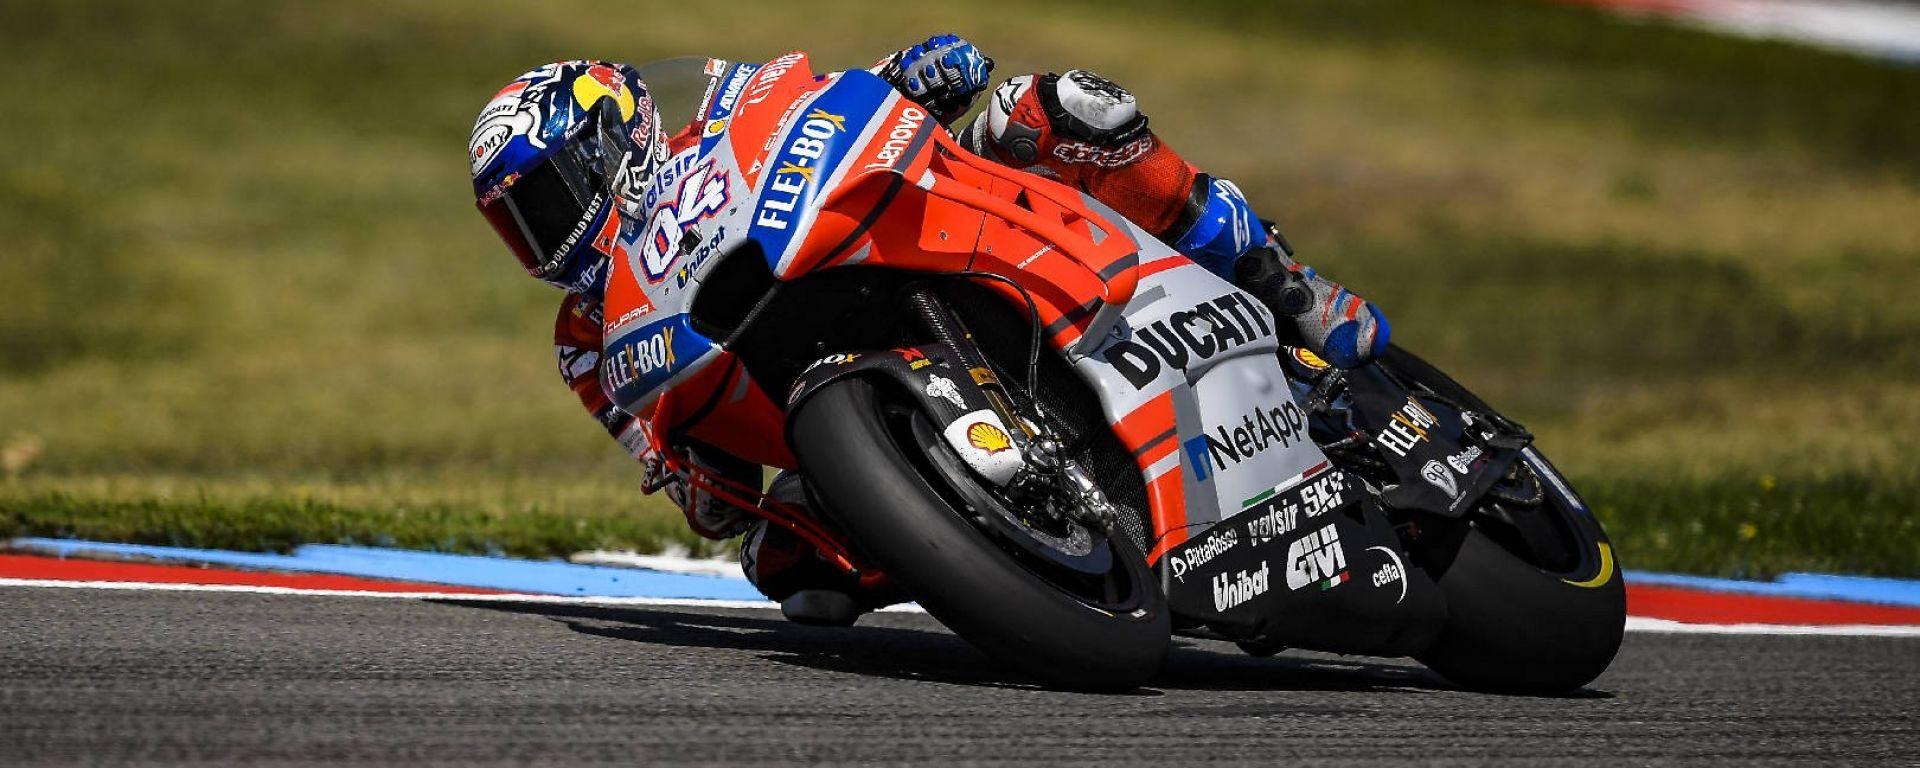 MotoGP Brno 2018: Dovizioso in pole, Rossi secondo